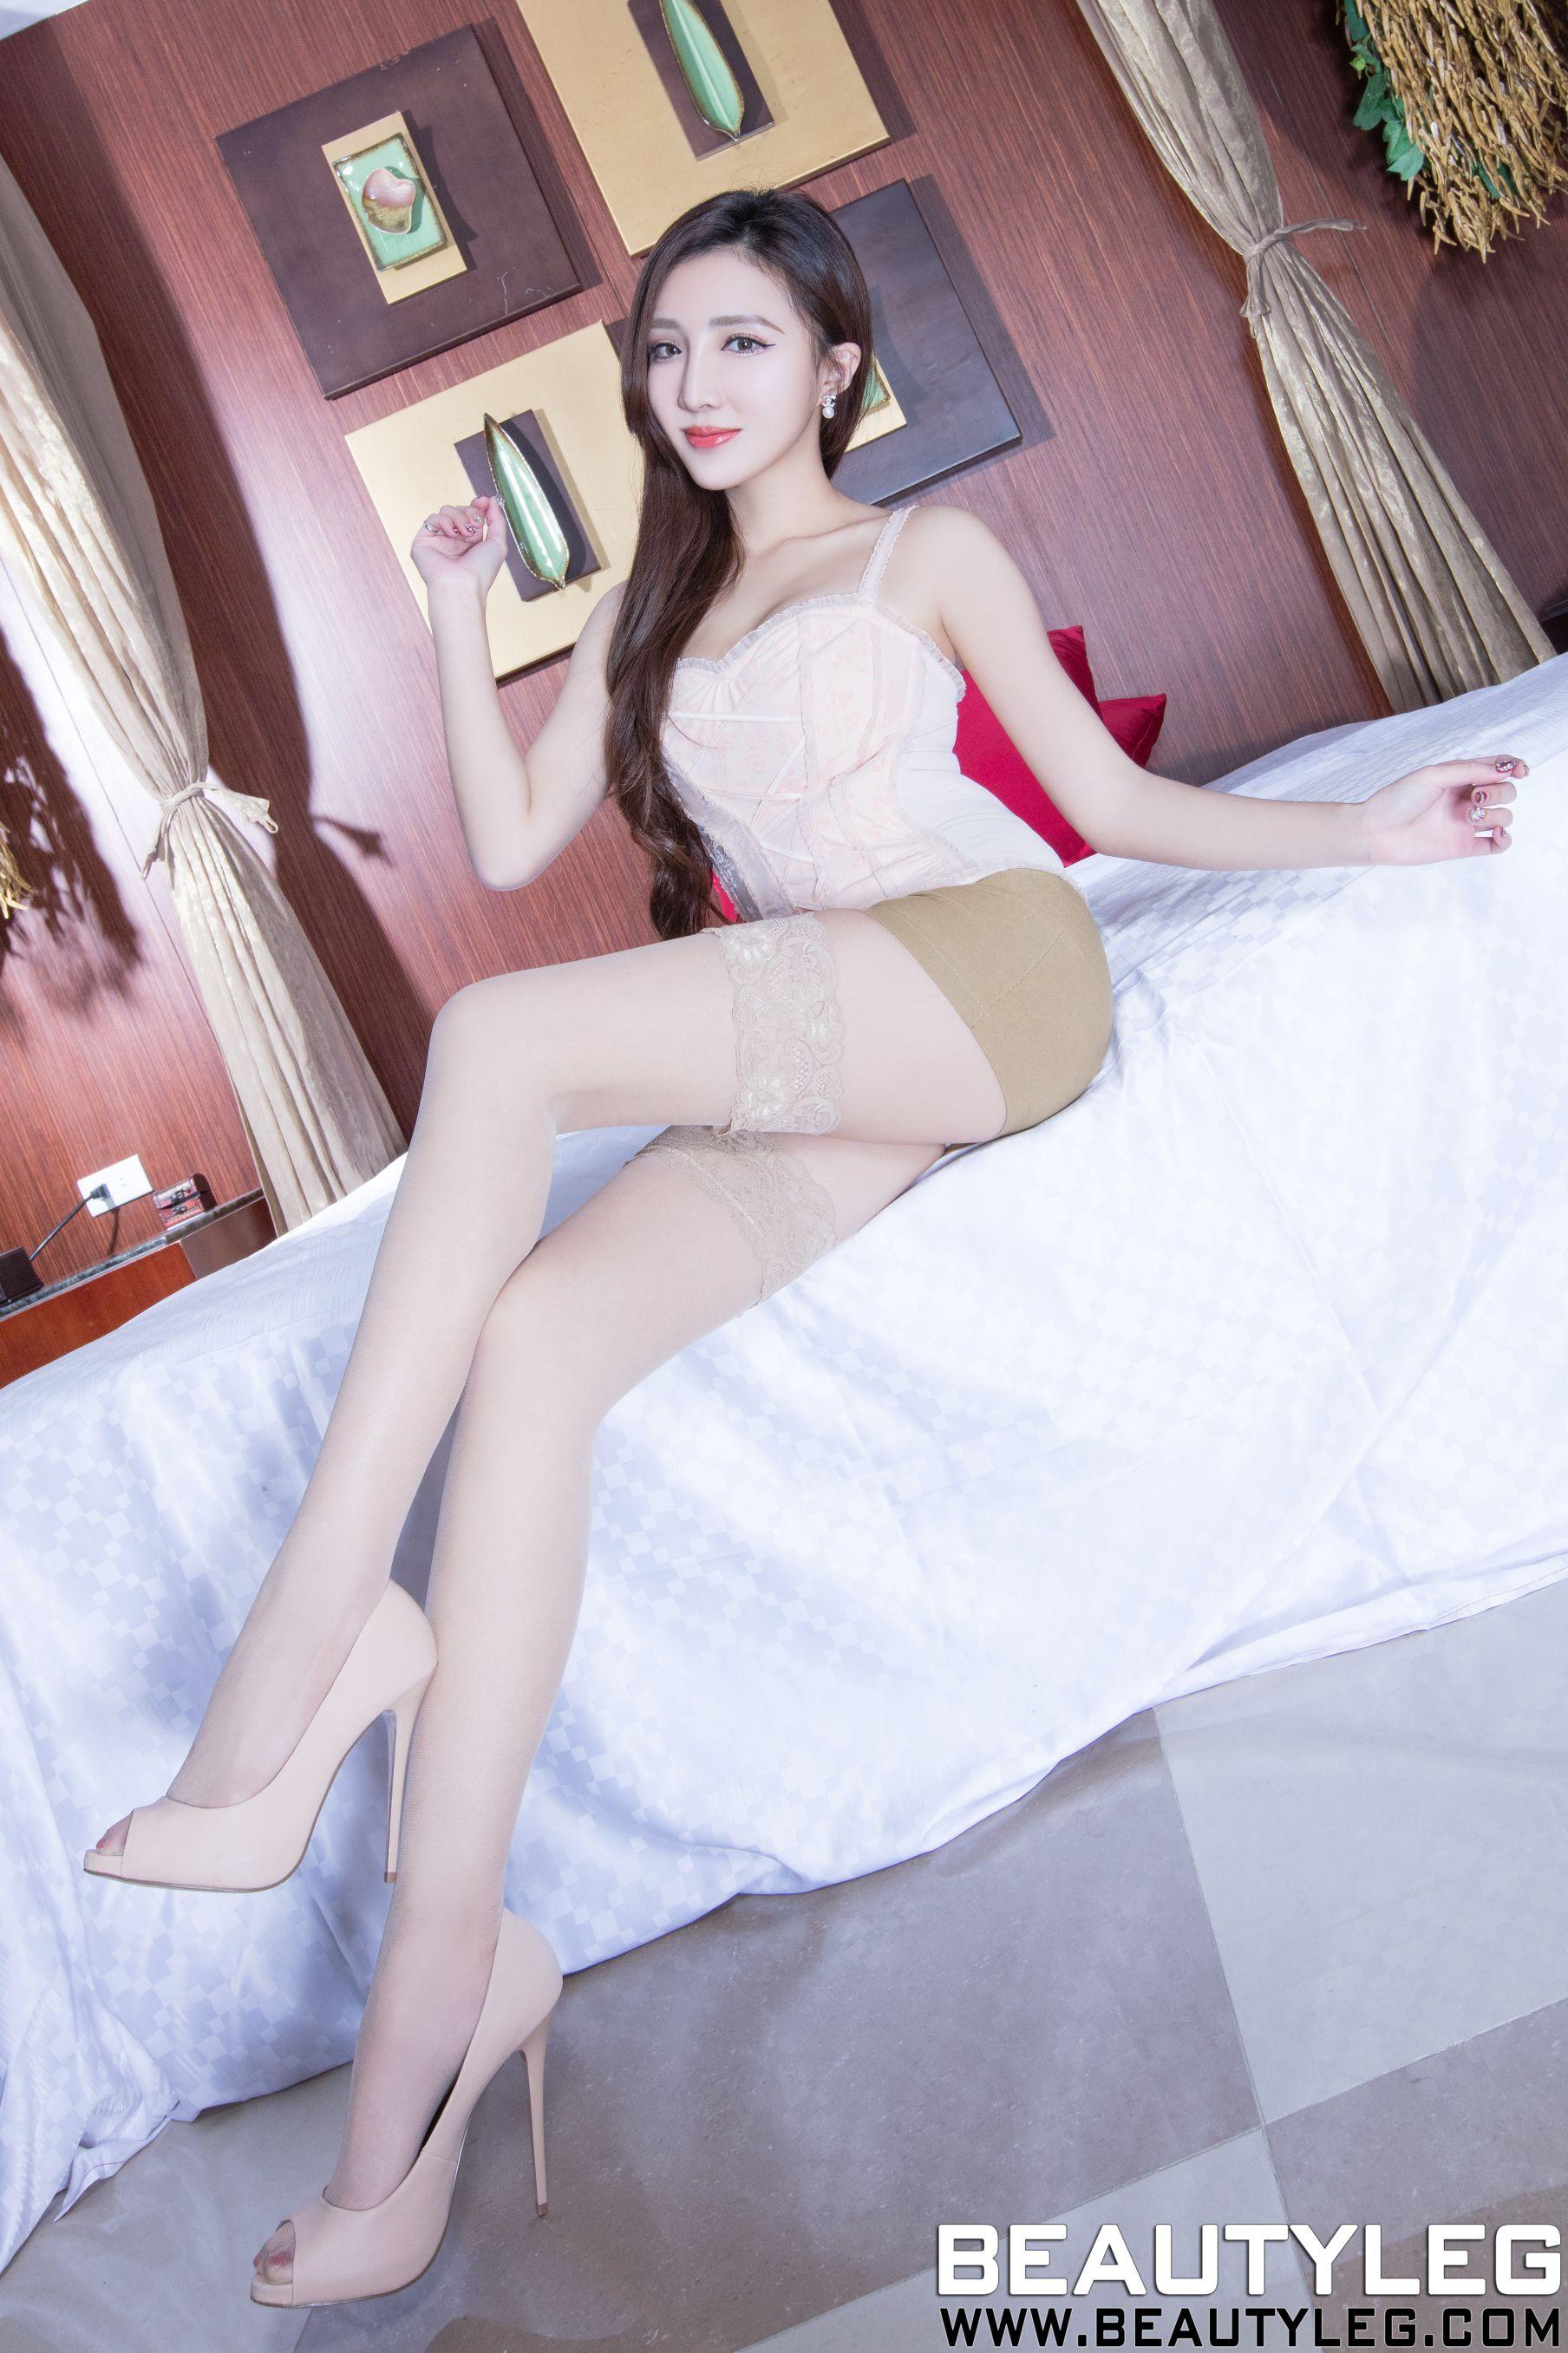 VOL.17 [Beautyleg]高跟美腿:赵芸(腿模Syuan,Syuan赵芸)高品质写真套图(50P)